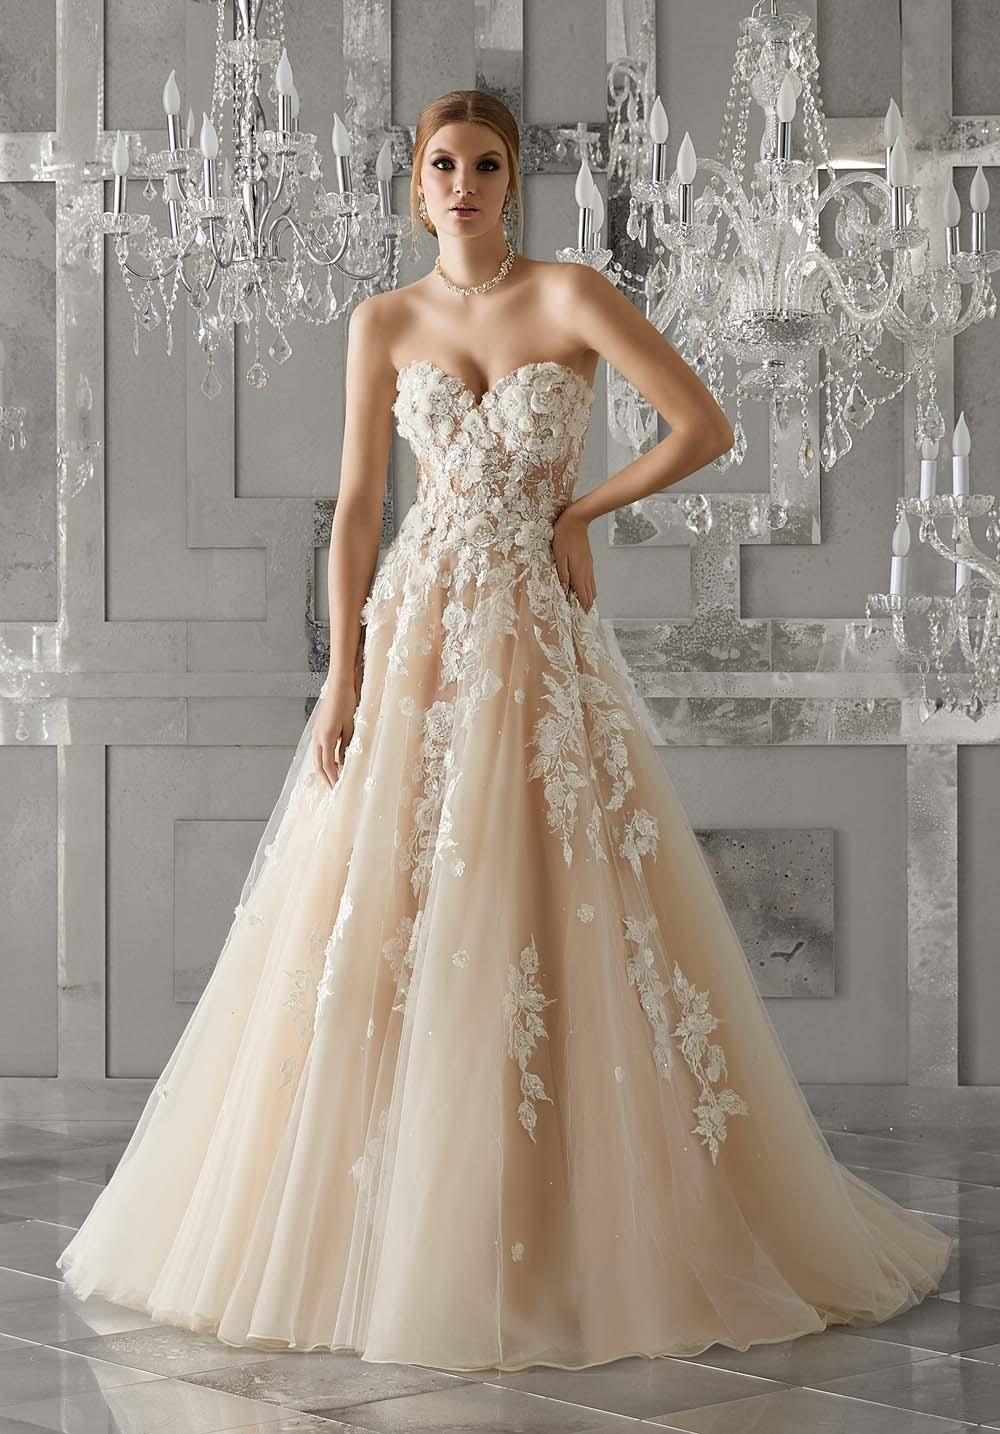 Váy cưới đuôi cá khiến vạn người mê